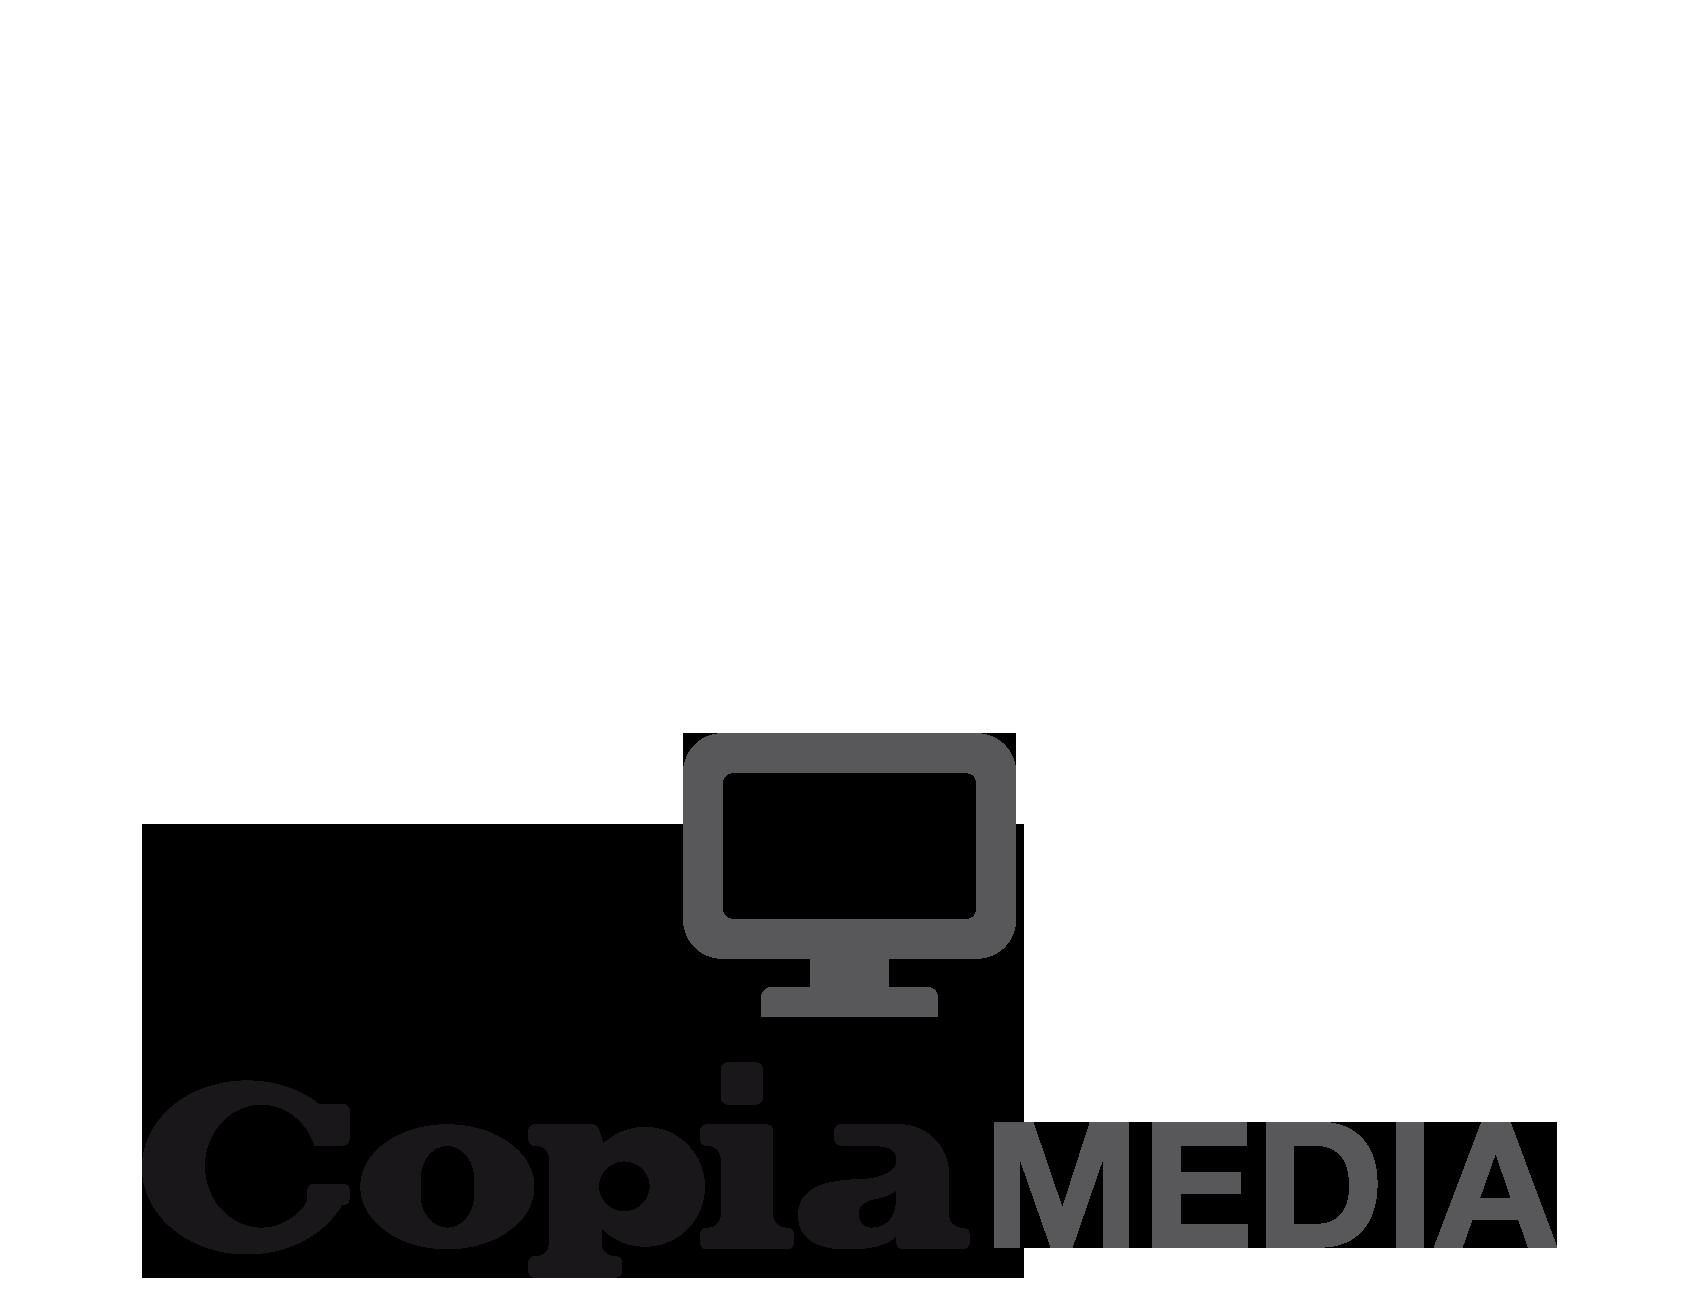 Produktgruppen Logo_Media